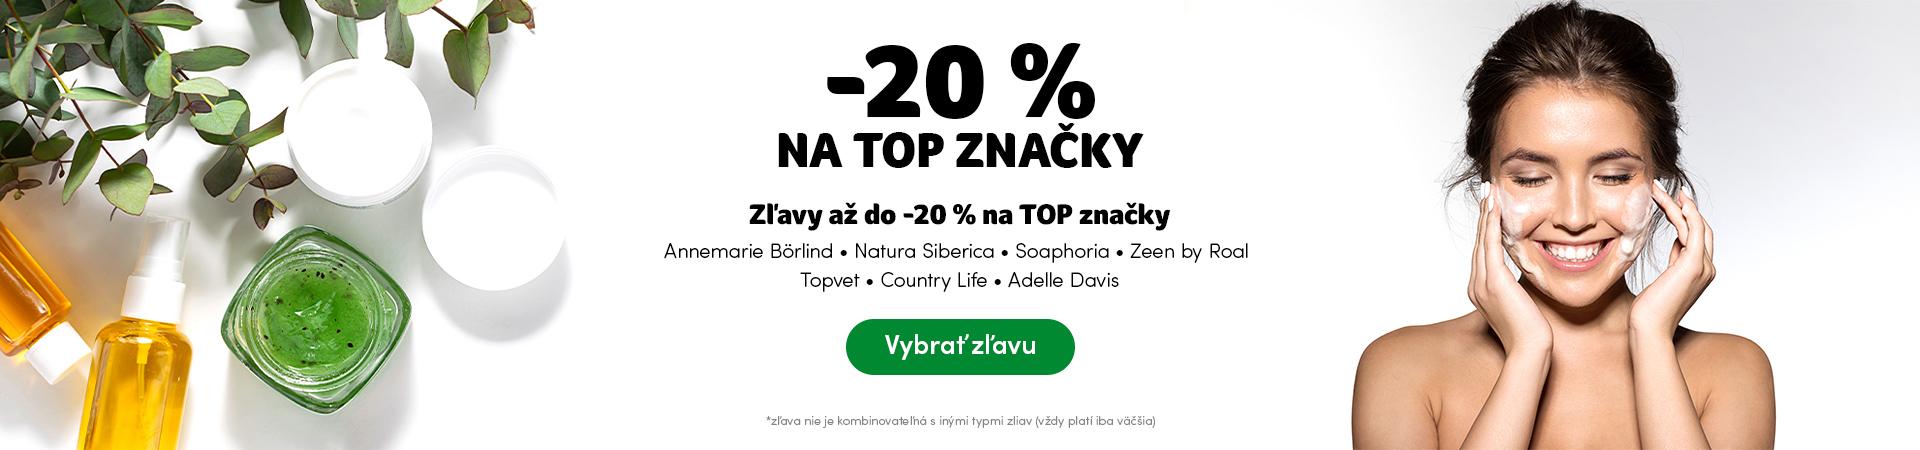 TOP značky v zľave do -20%